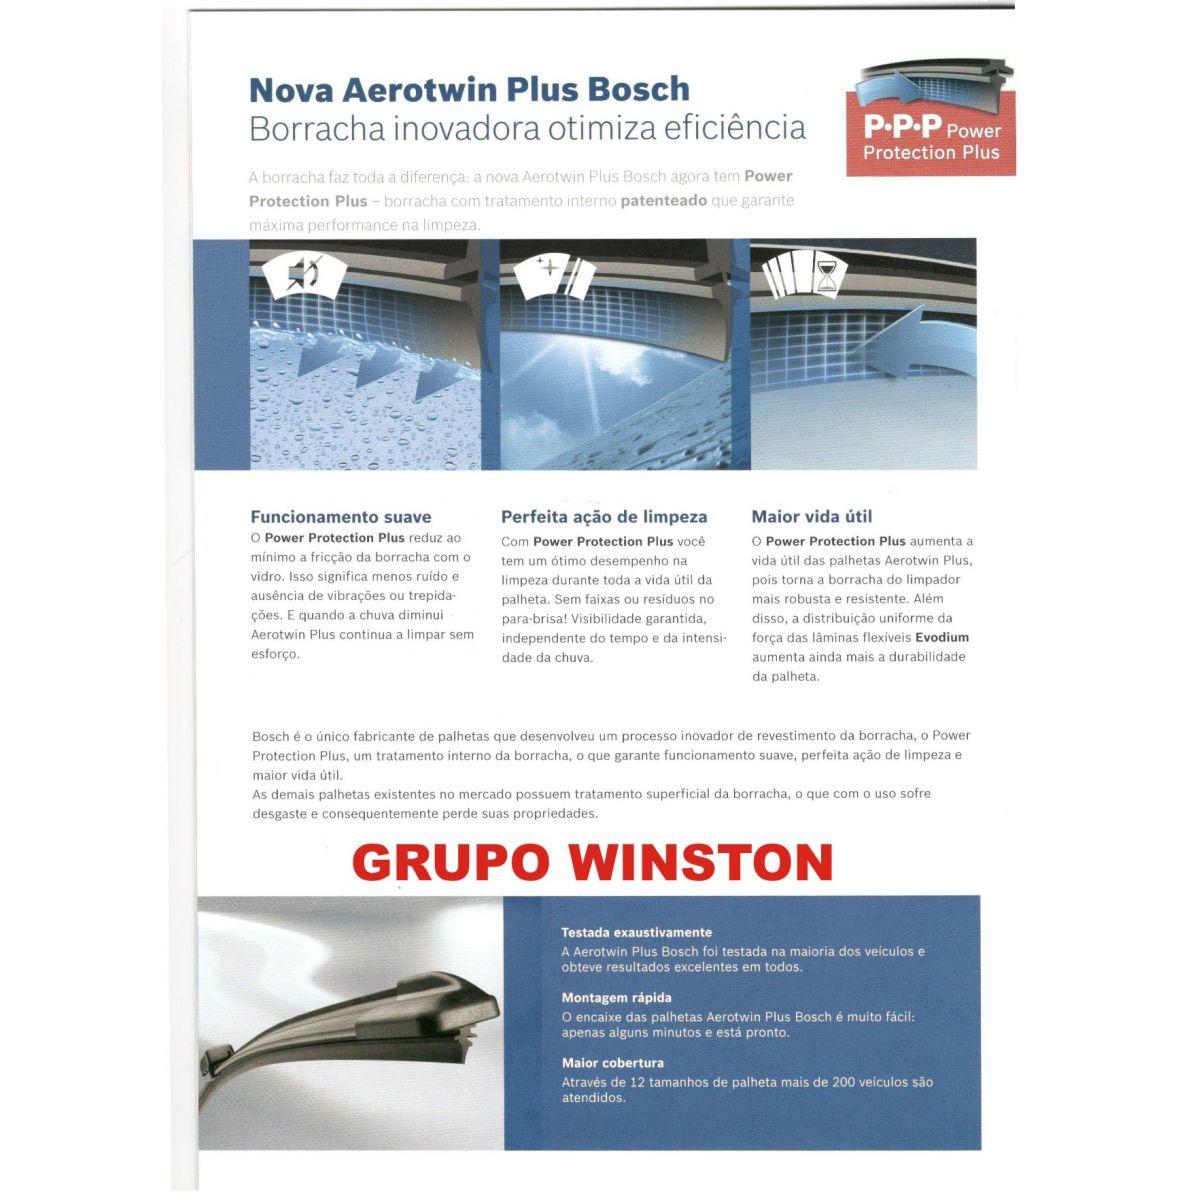 Palheta Bosch Aerotwin Plus Limpador de para brisa Bosch Citroen C4 Picasso ano 2007 até 2008